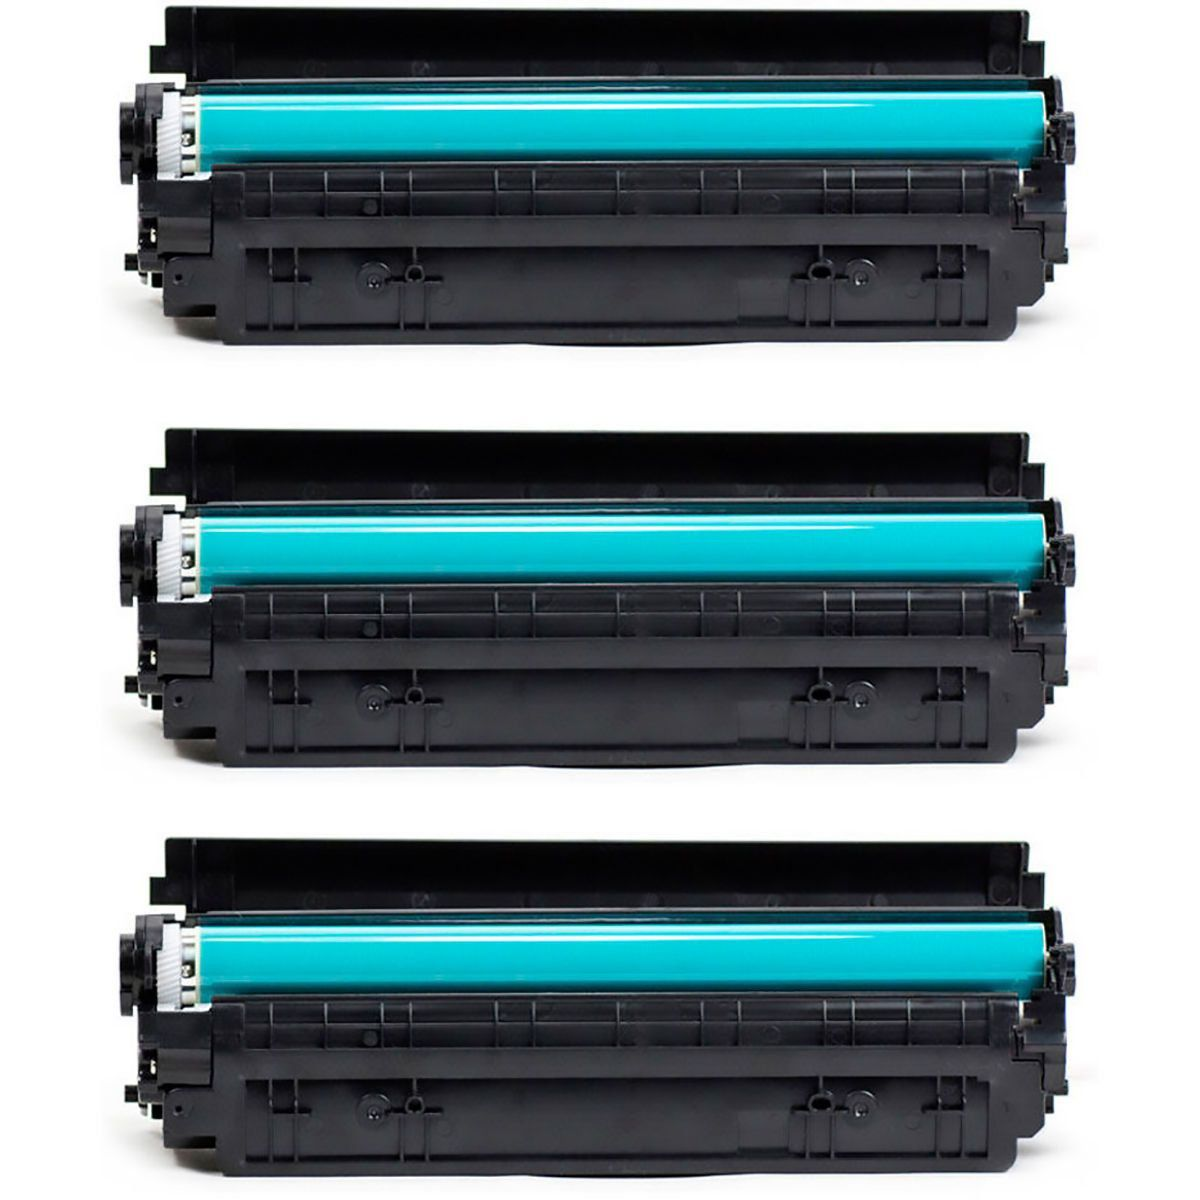 Compatível: Kit 3x Toner CF283A 83A para HP M125a M126a M126nw M127 M127fn M127fw M128fn M225 M225dw / Preto / 1.500